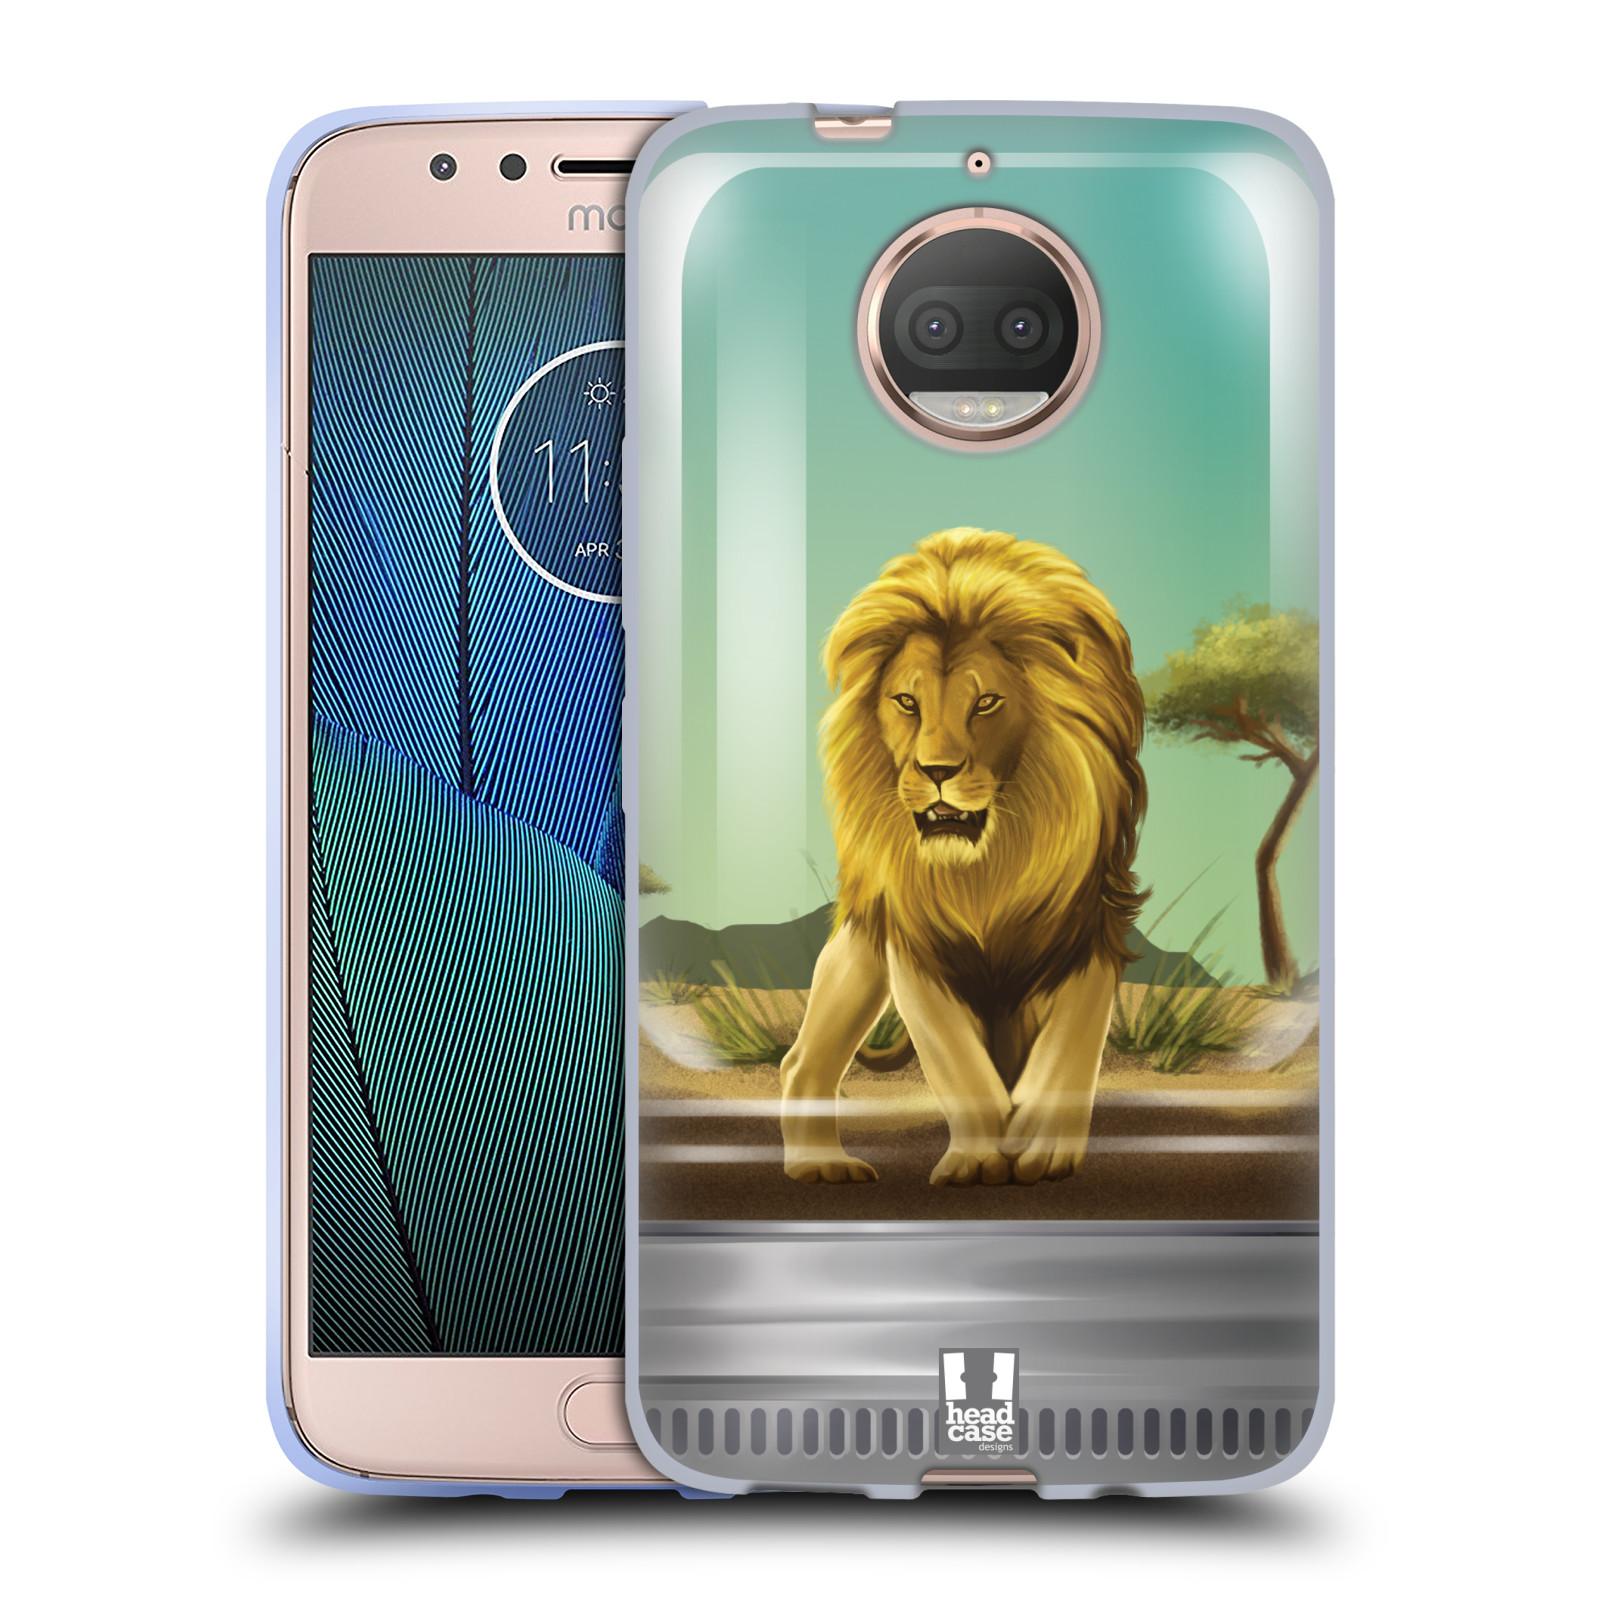 HEAD CASE silikonový obal na mobil Lenovo Moto G5s PLUS vzor Zvířátka v těžítku lev